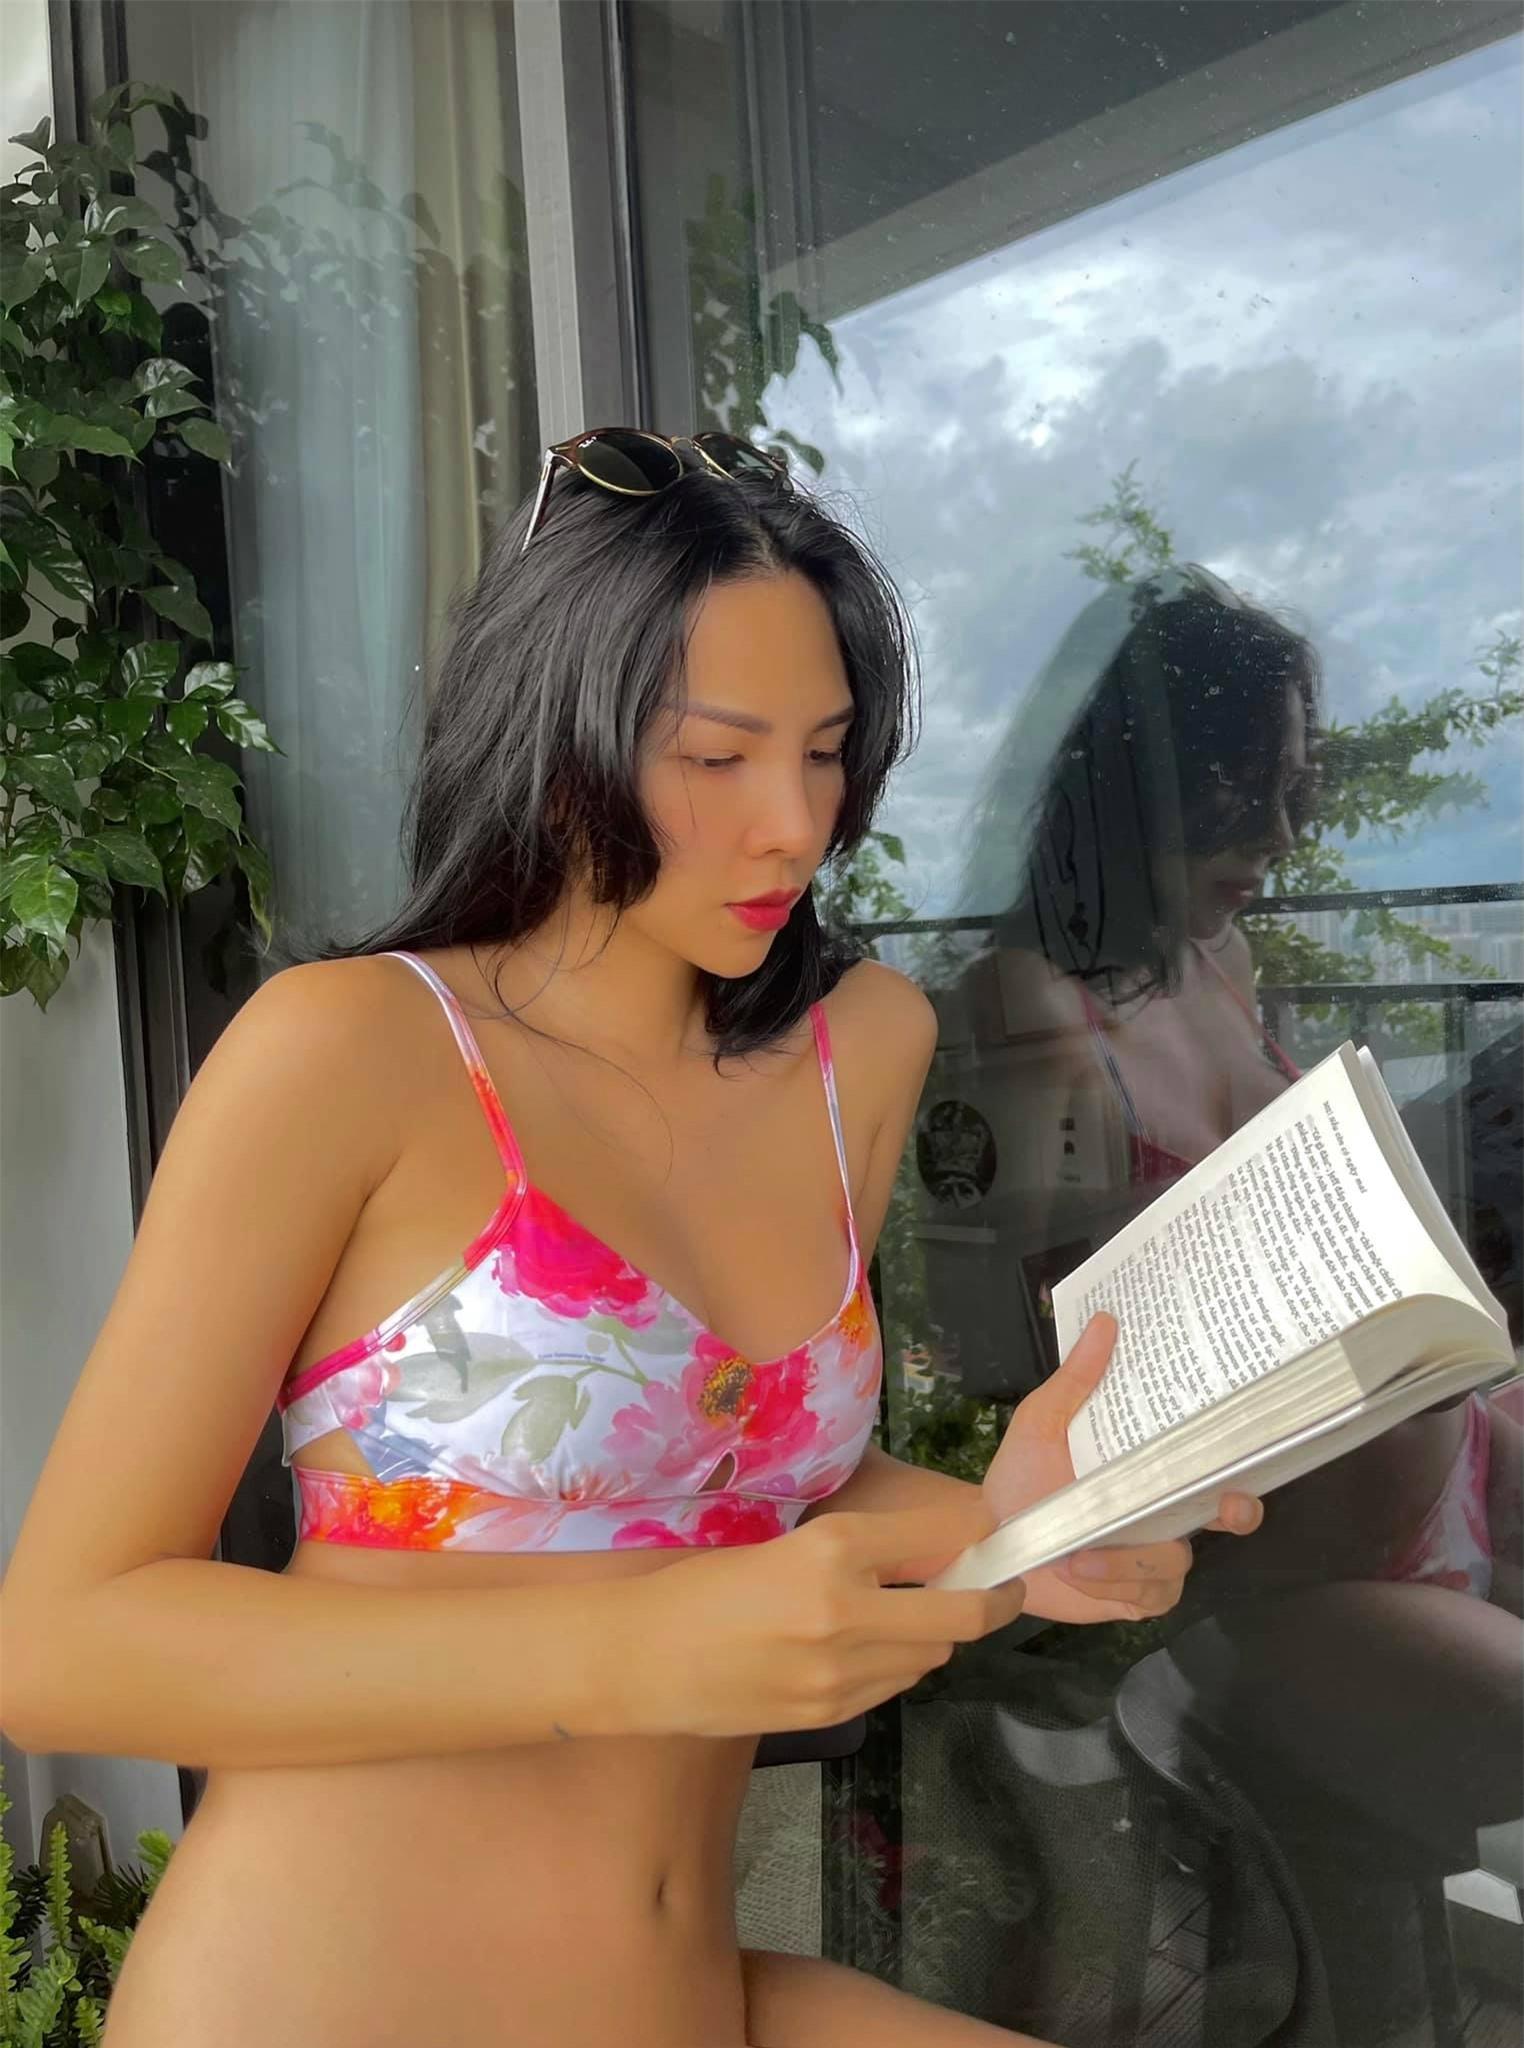 Siêu mẫu Minh Triệu tung loạt ảnh gợi cảm khoe eo con kiến, chân nuột nà - Ảnh 5.